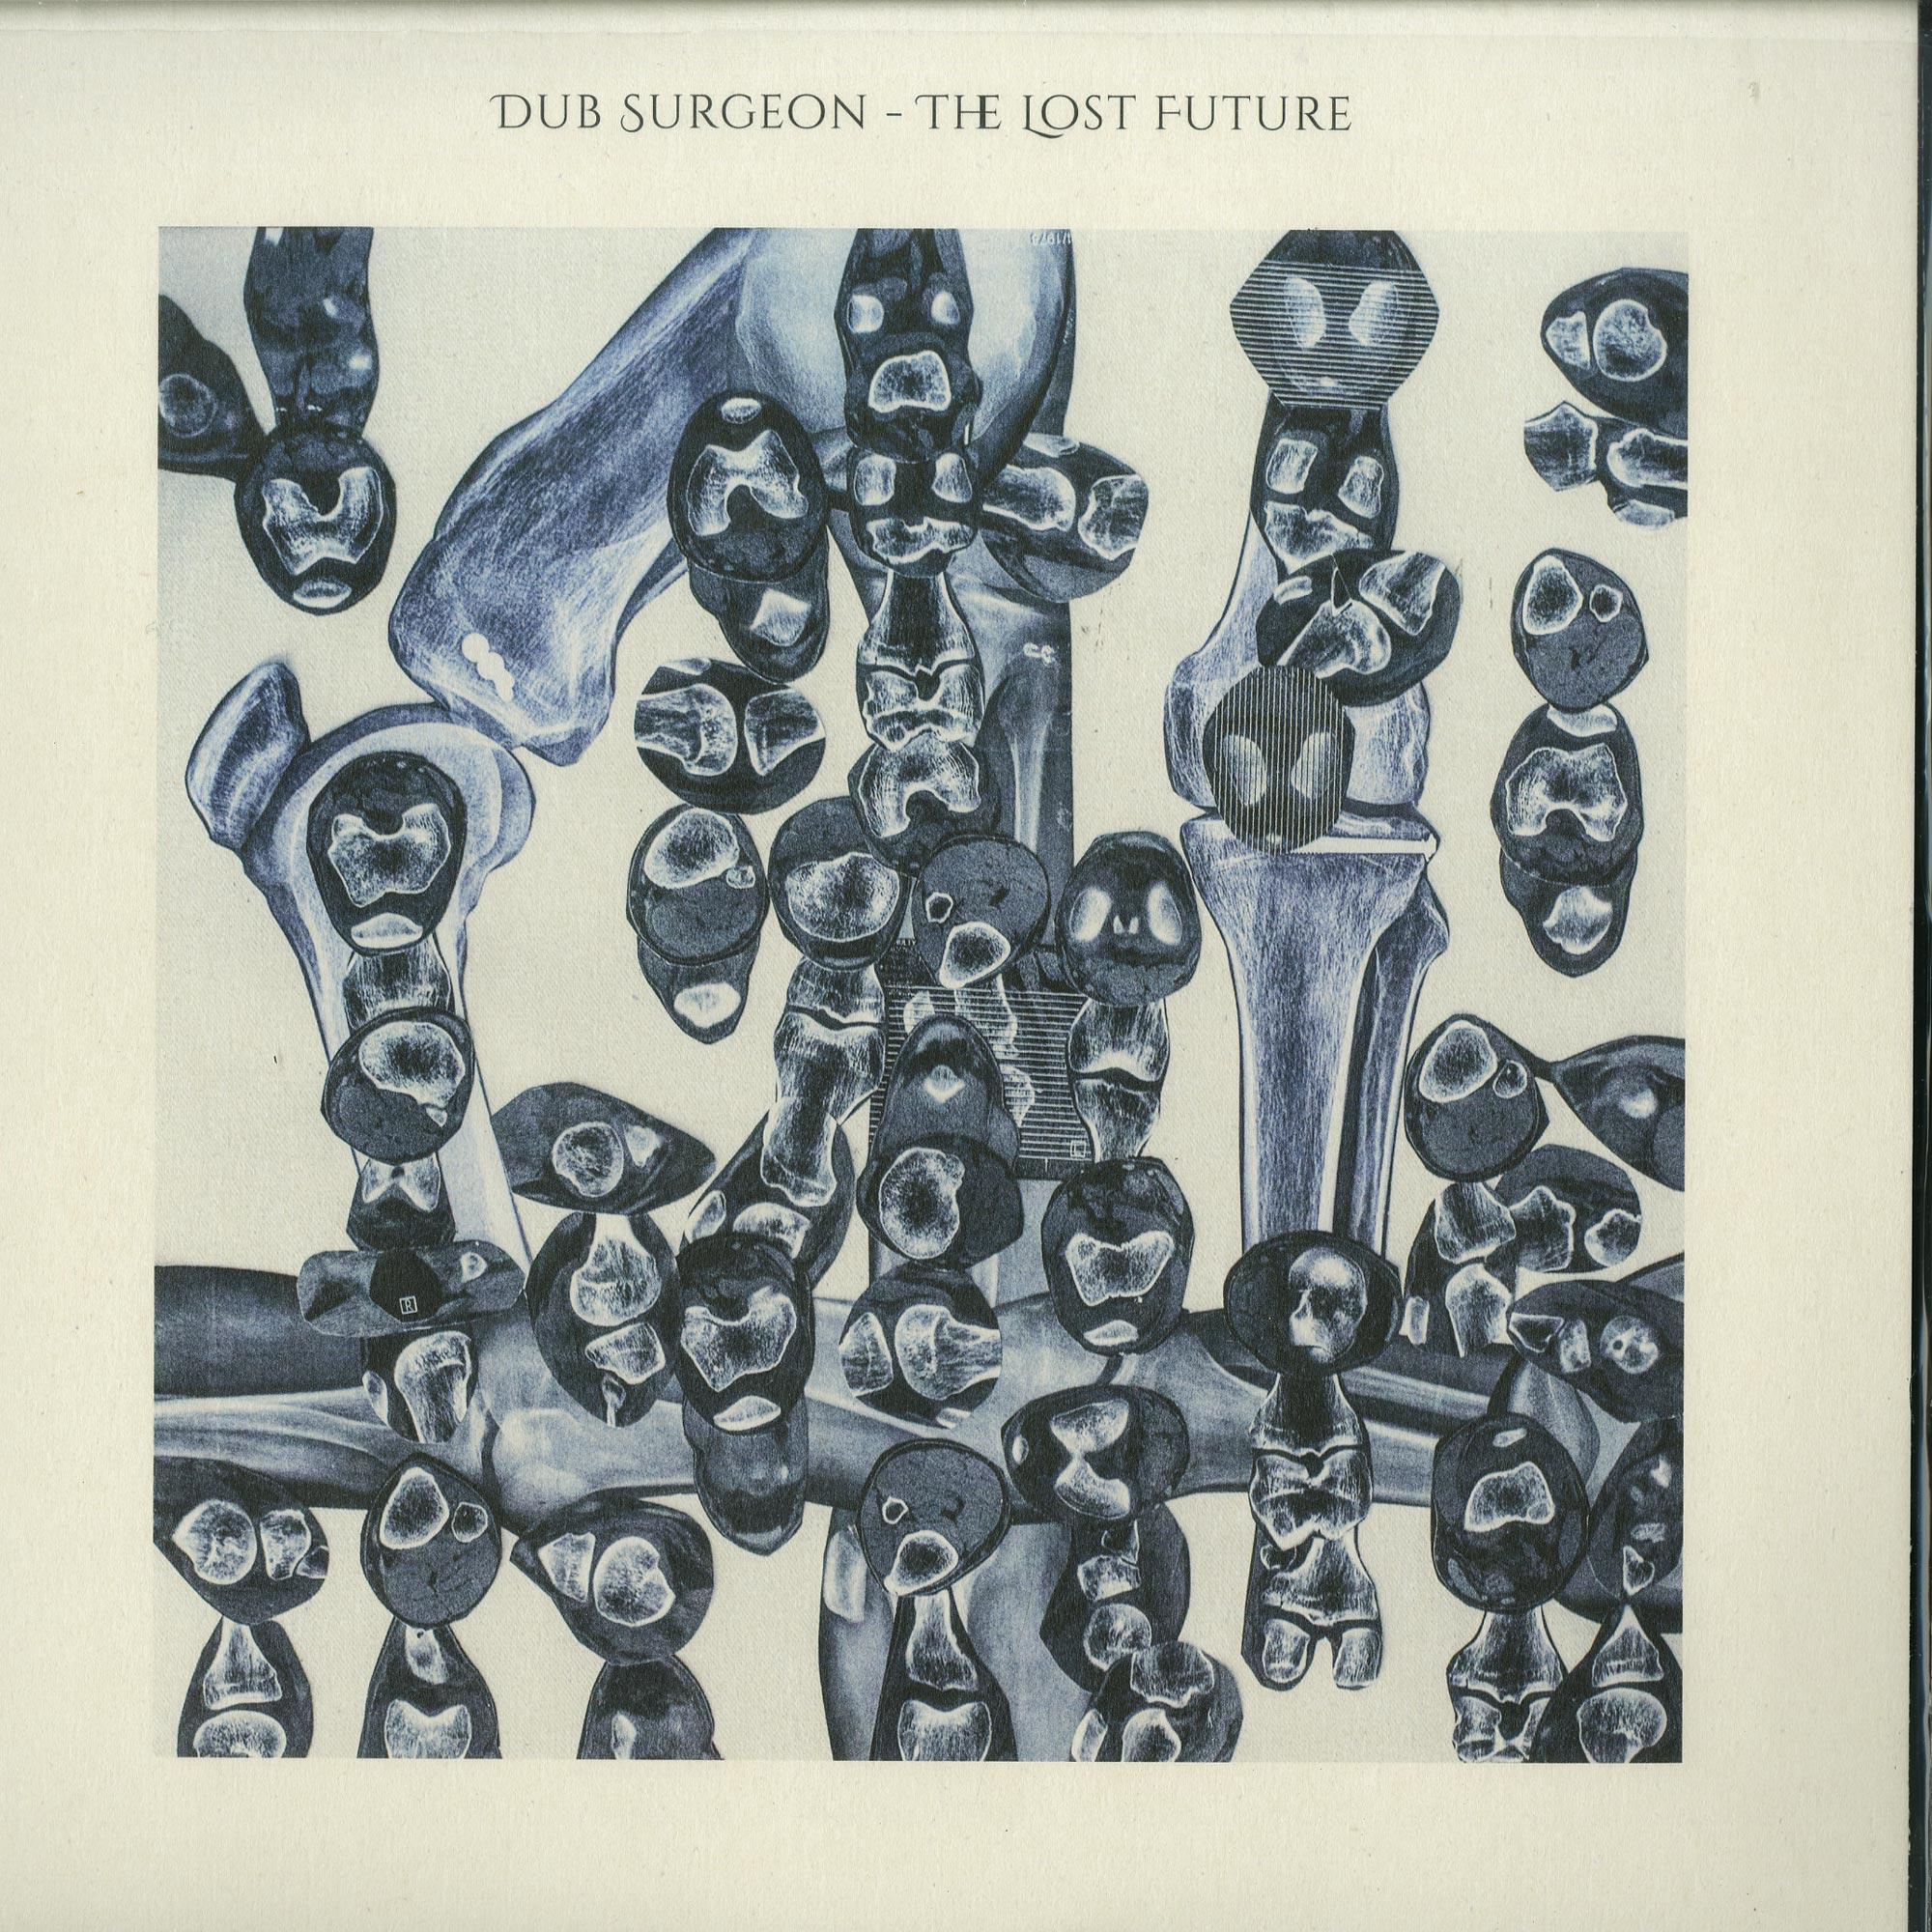 Dub Surgeon - THE LOST FUTURE